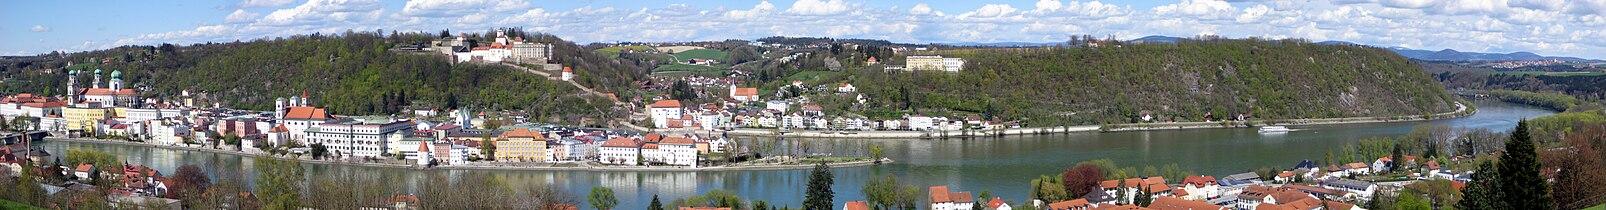 Passau Panorama 080420 1.jpg